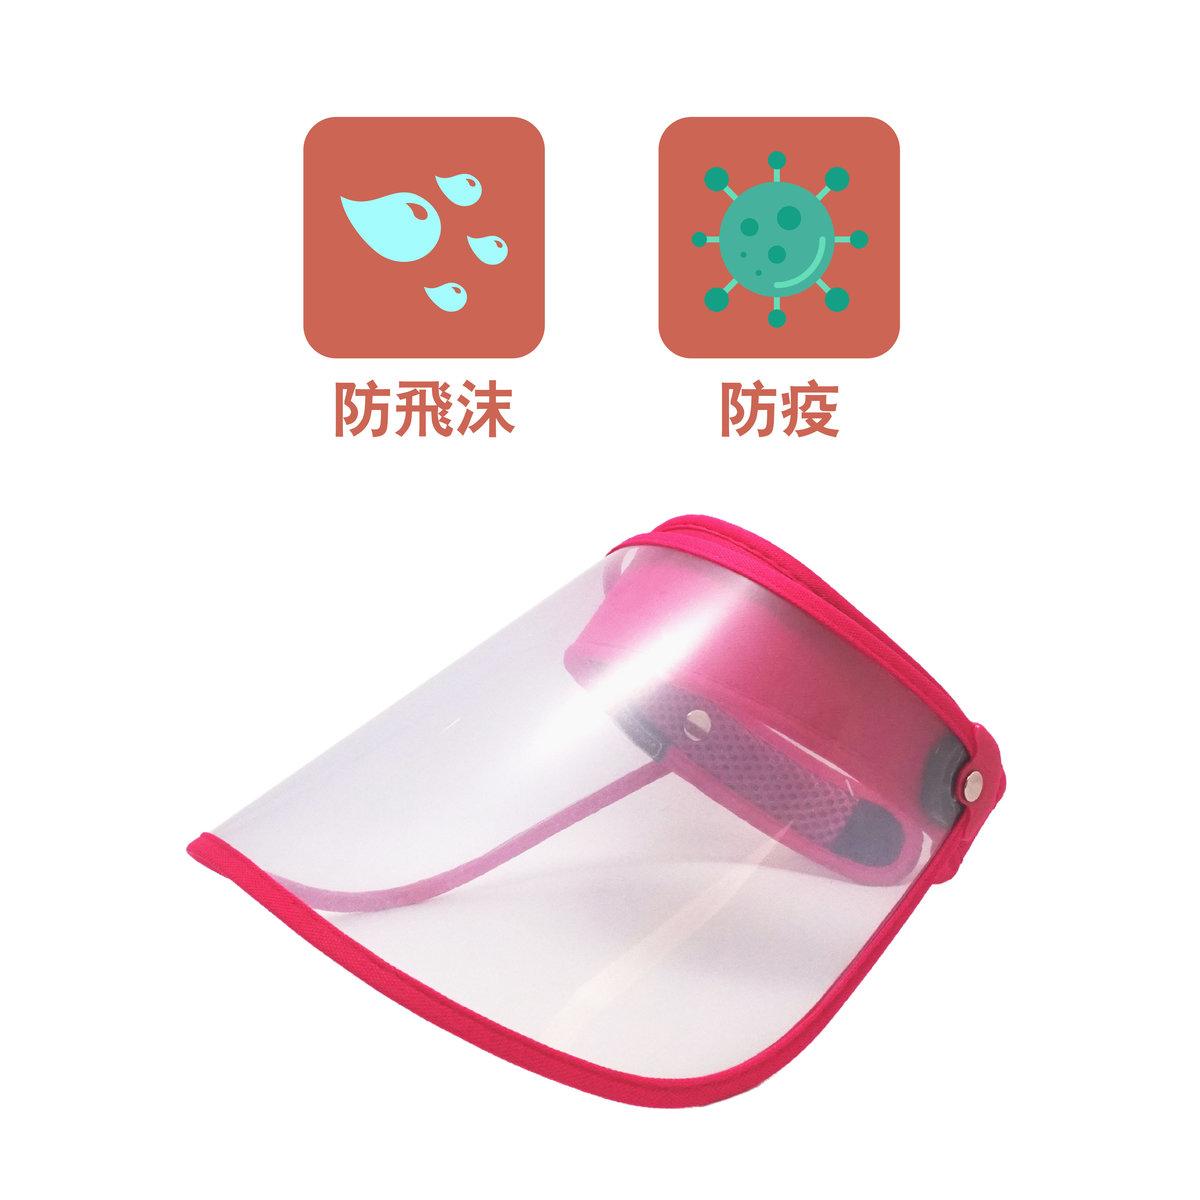 防疫帽-粉紅透明  防飛沬 防疫 抗疫